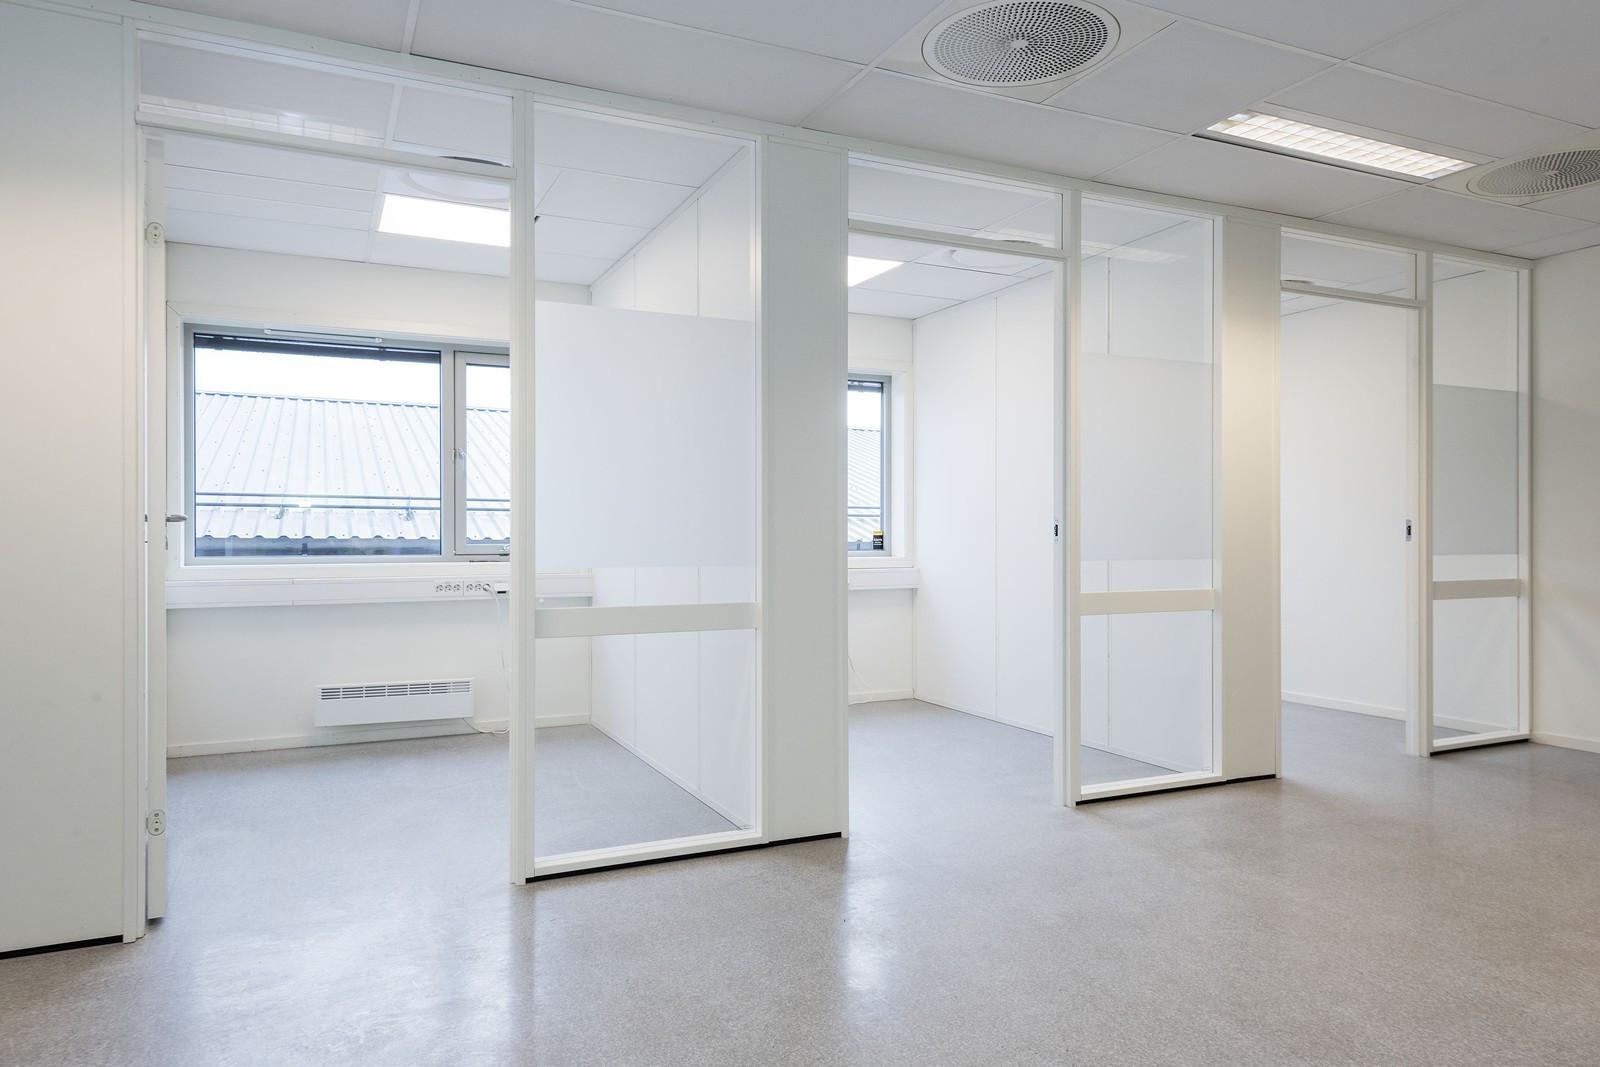 Lyse kontorlokaler med gode lys- og arbeidsforhold